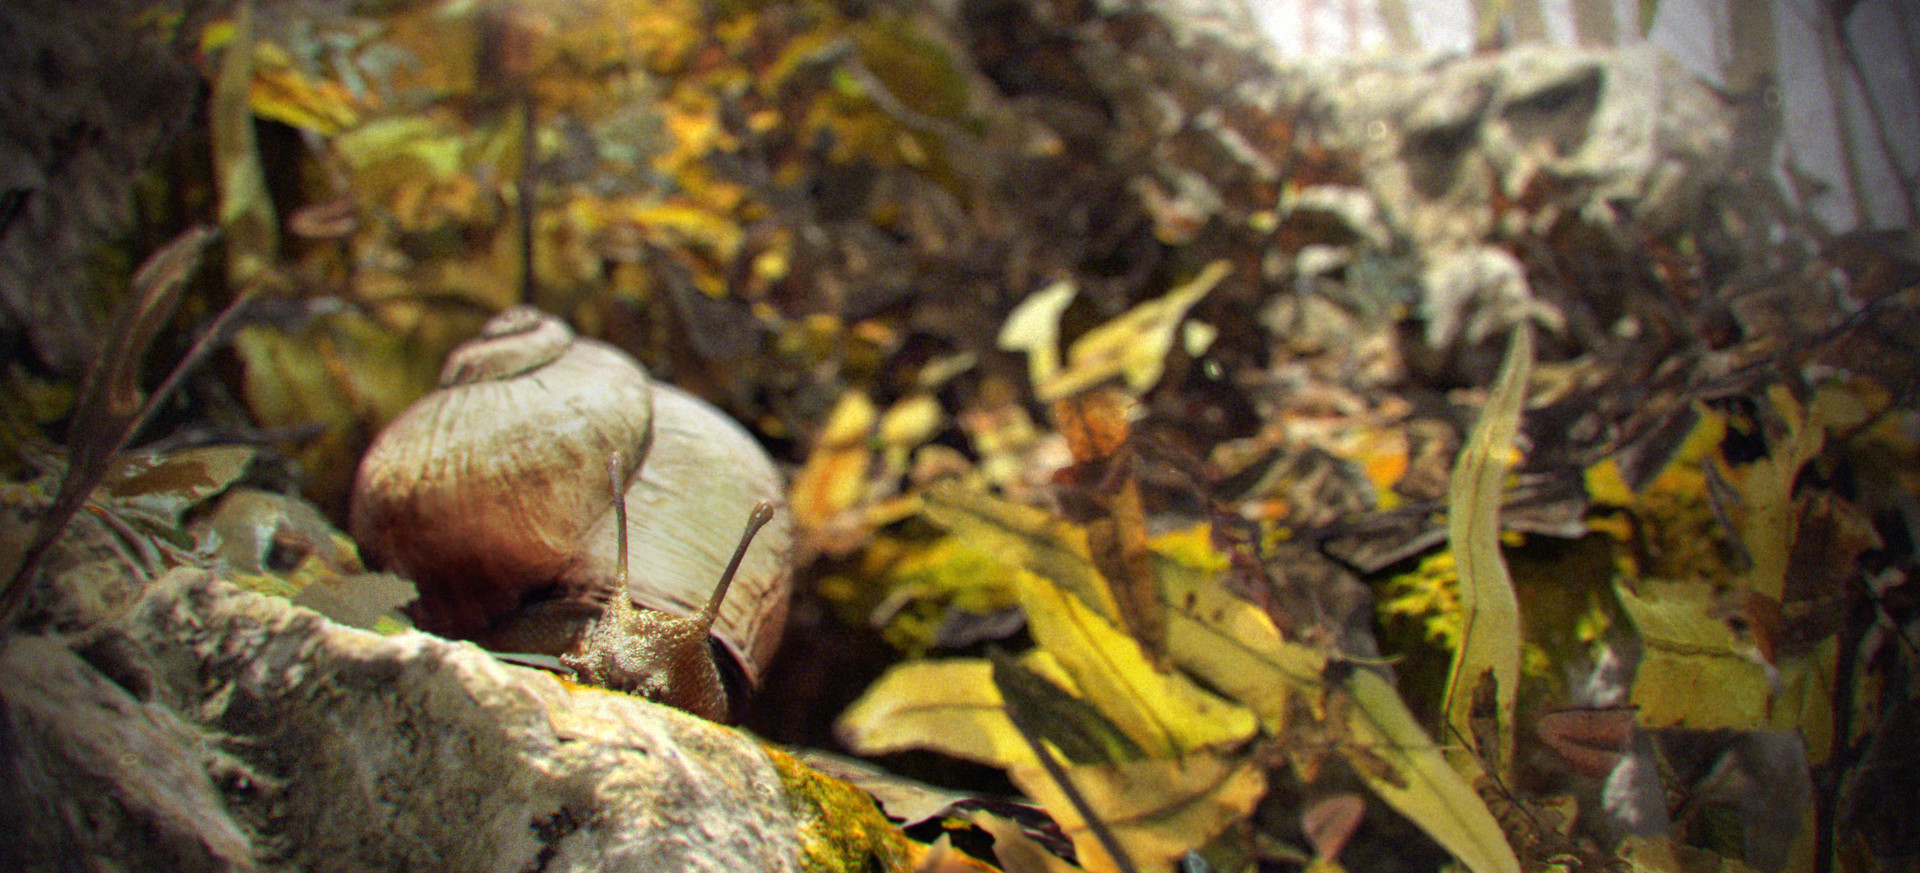 Tamas gyerman snail final v01